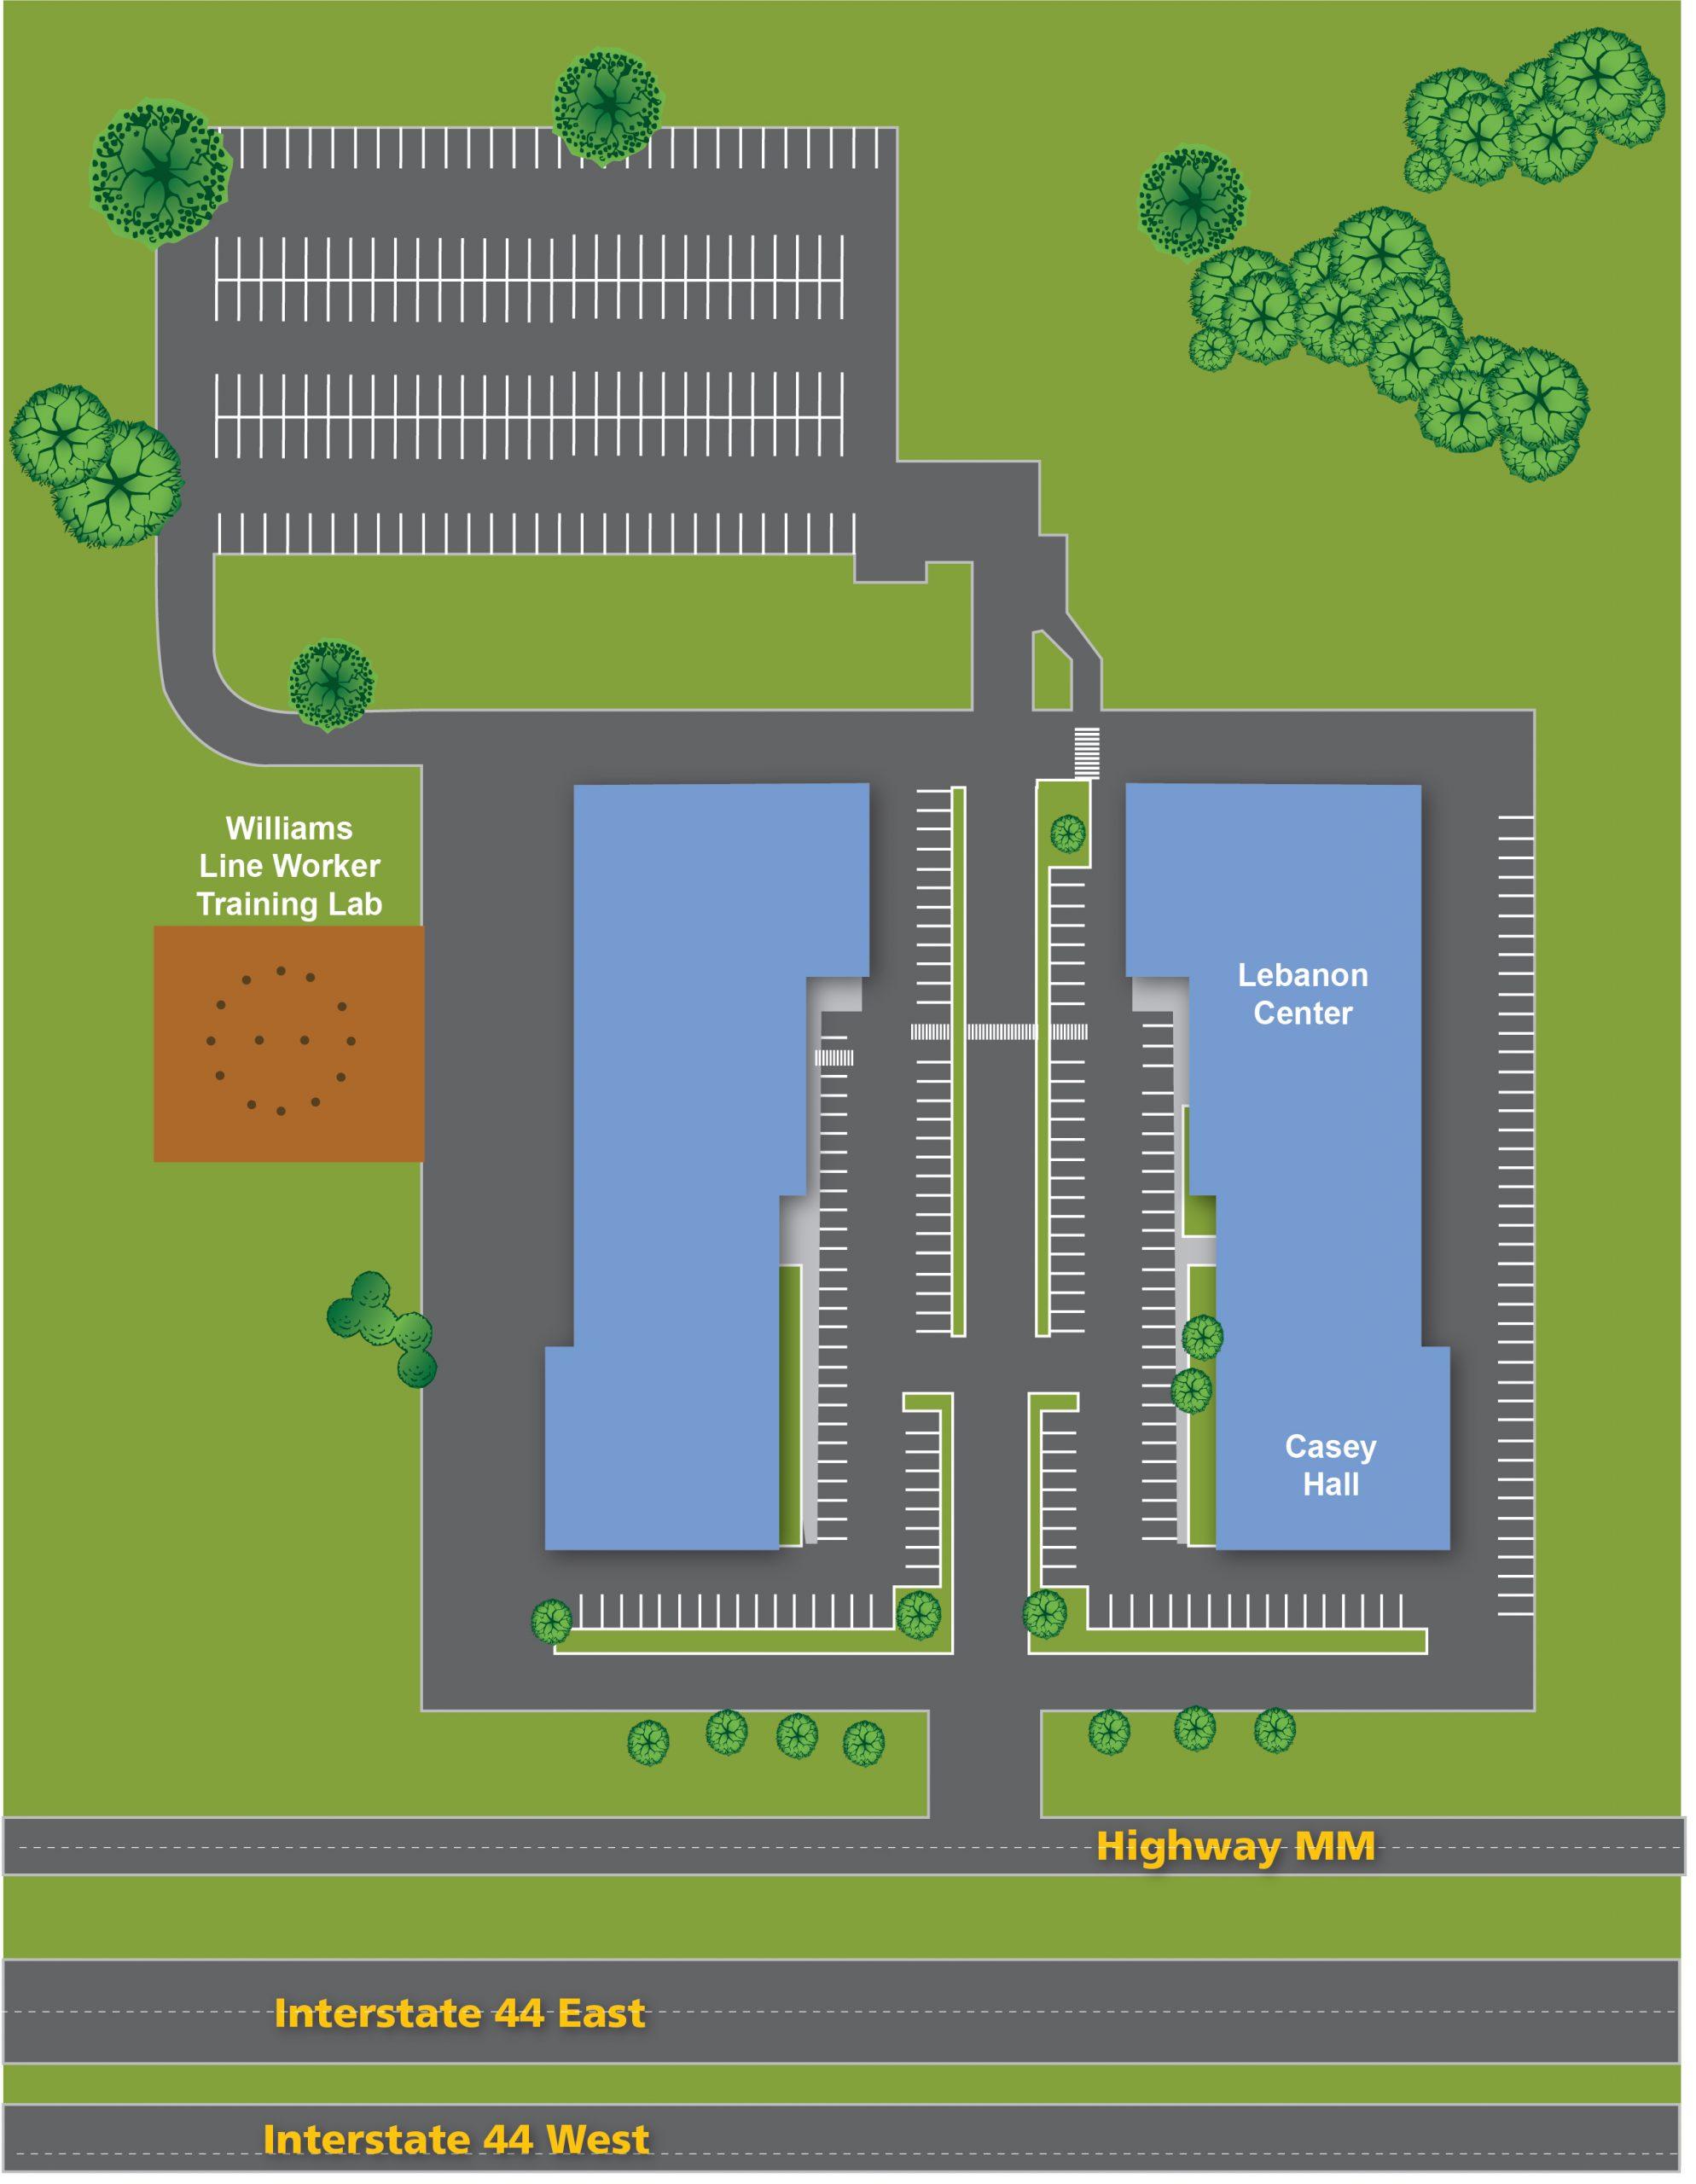 Lebanon Center Map